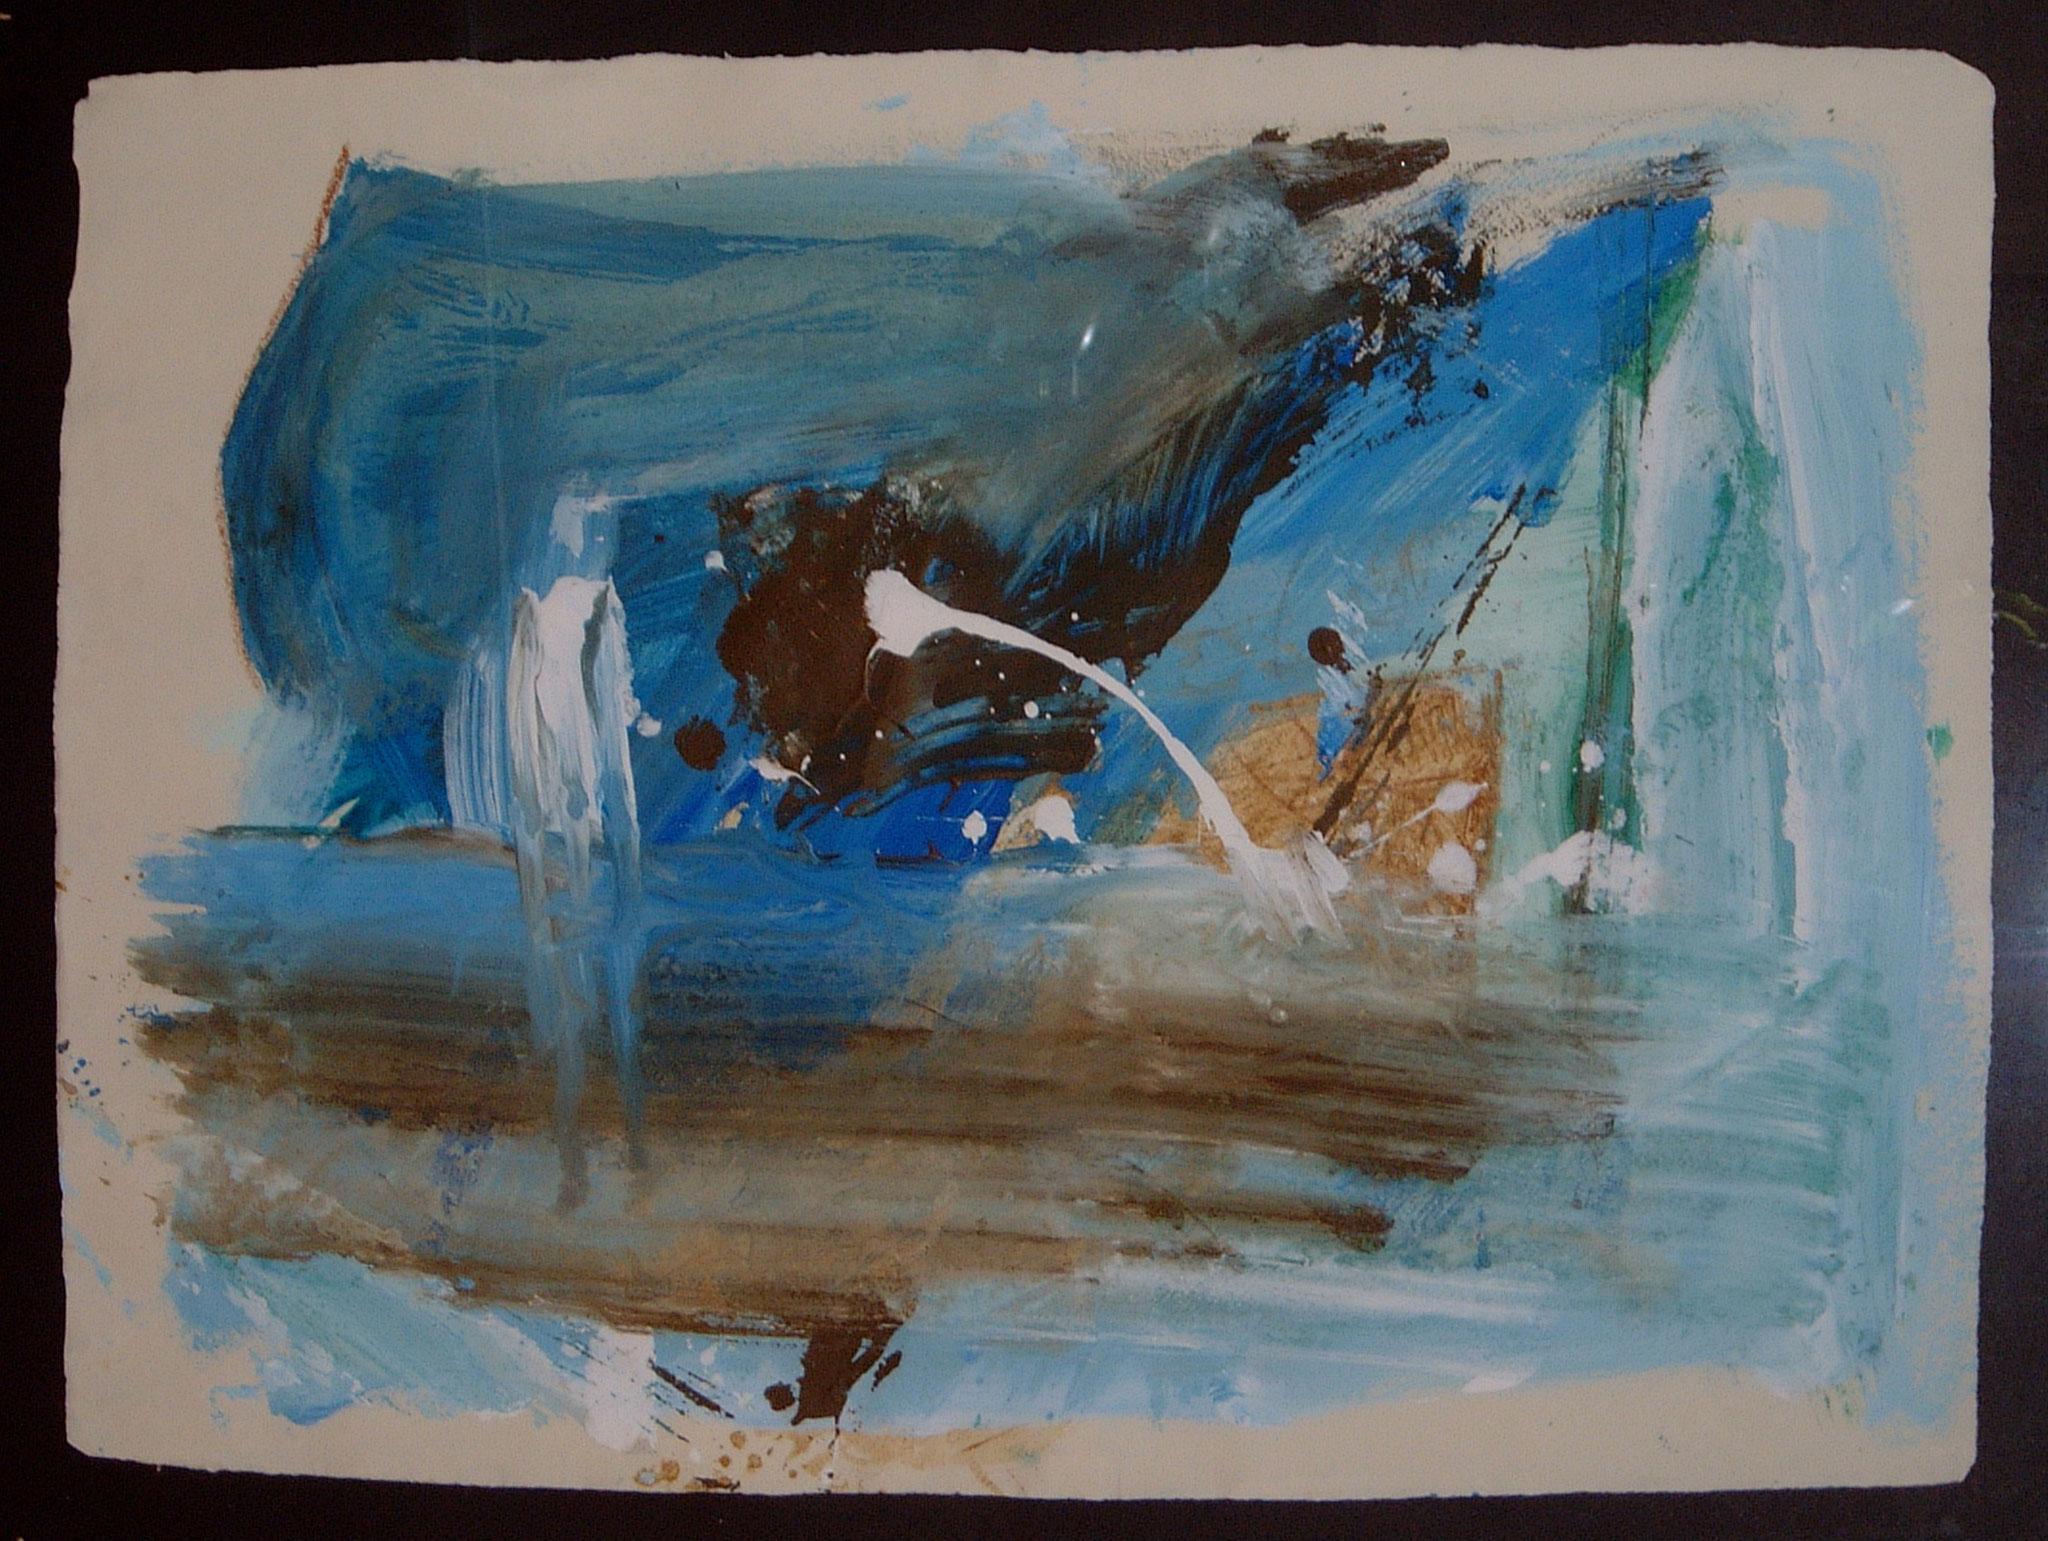 Harmonie, 2002, 75x55cm, Papier